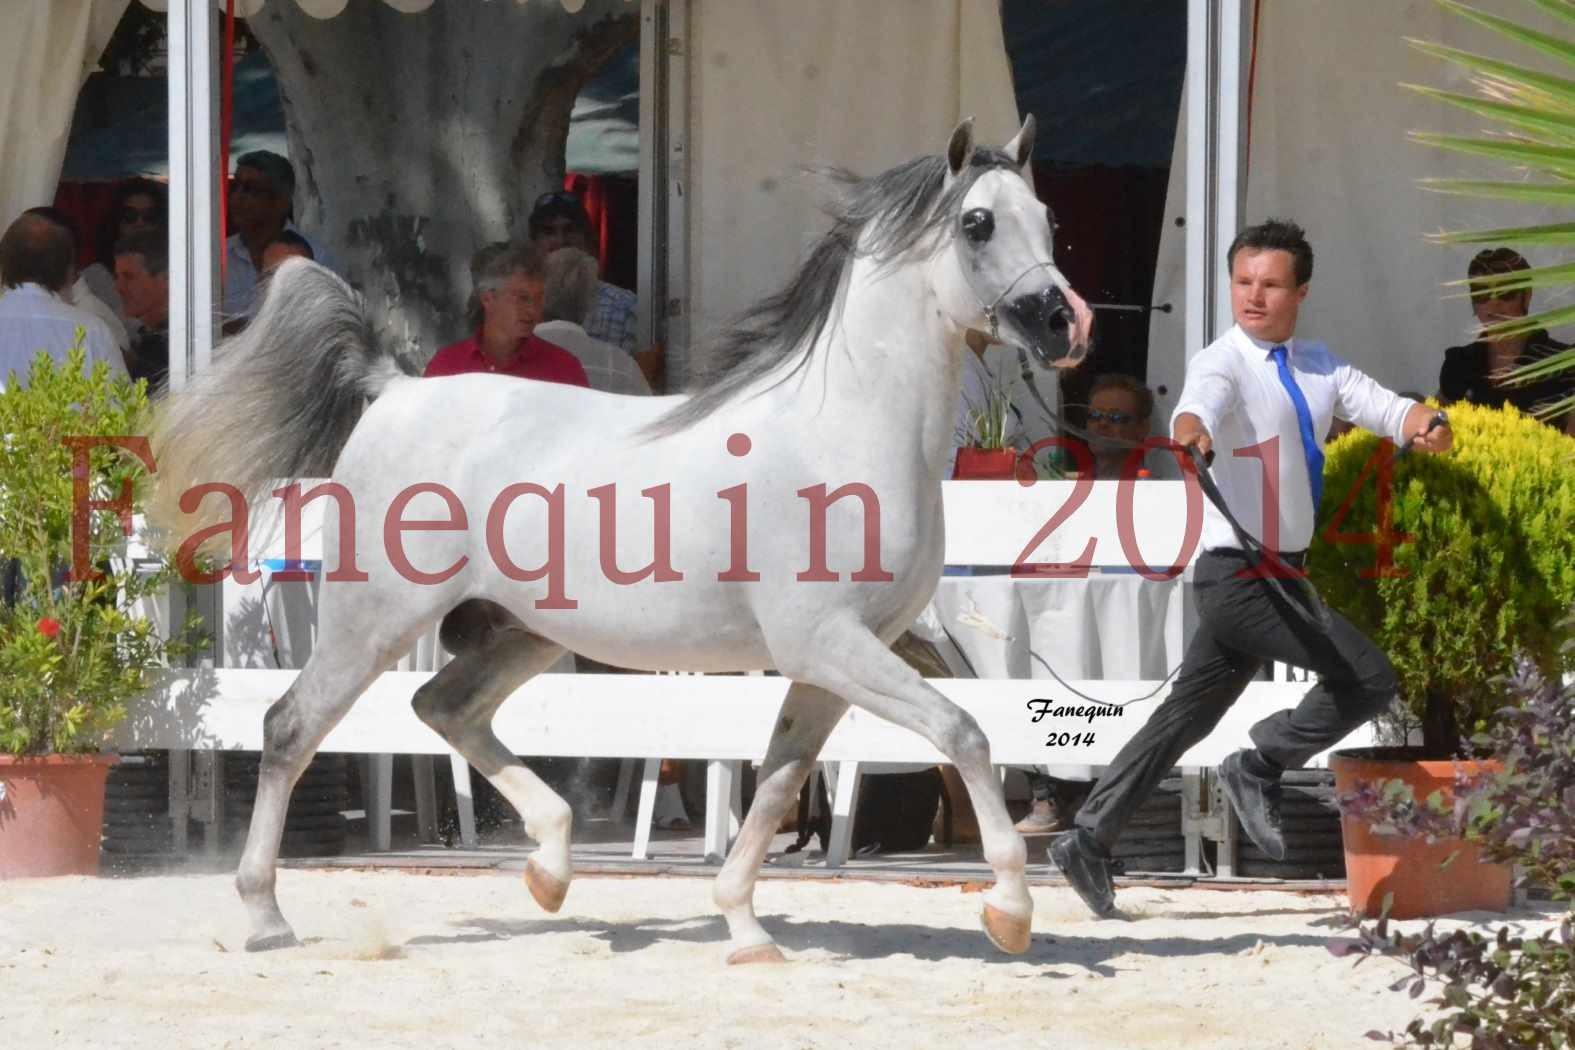 Concours National de Nîmes de chevaux ARABES 2014 - Notre Sélection - SHAOLIN DE NEDJAIA - 02